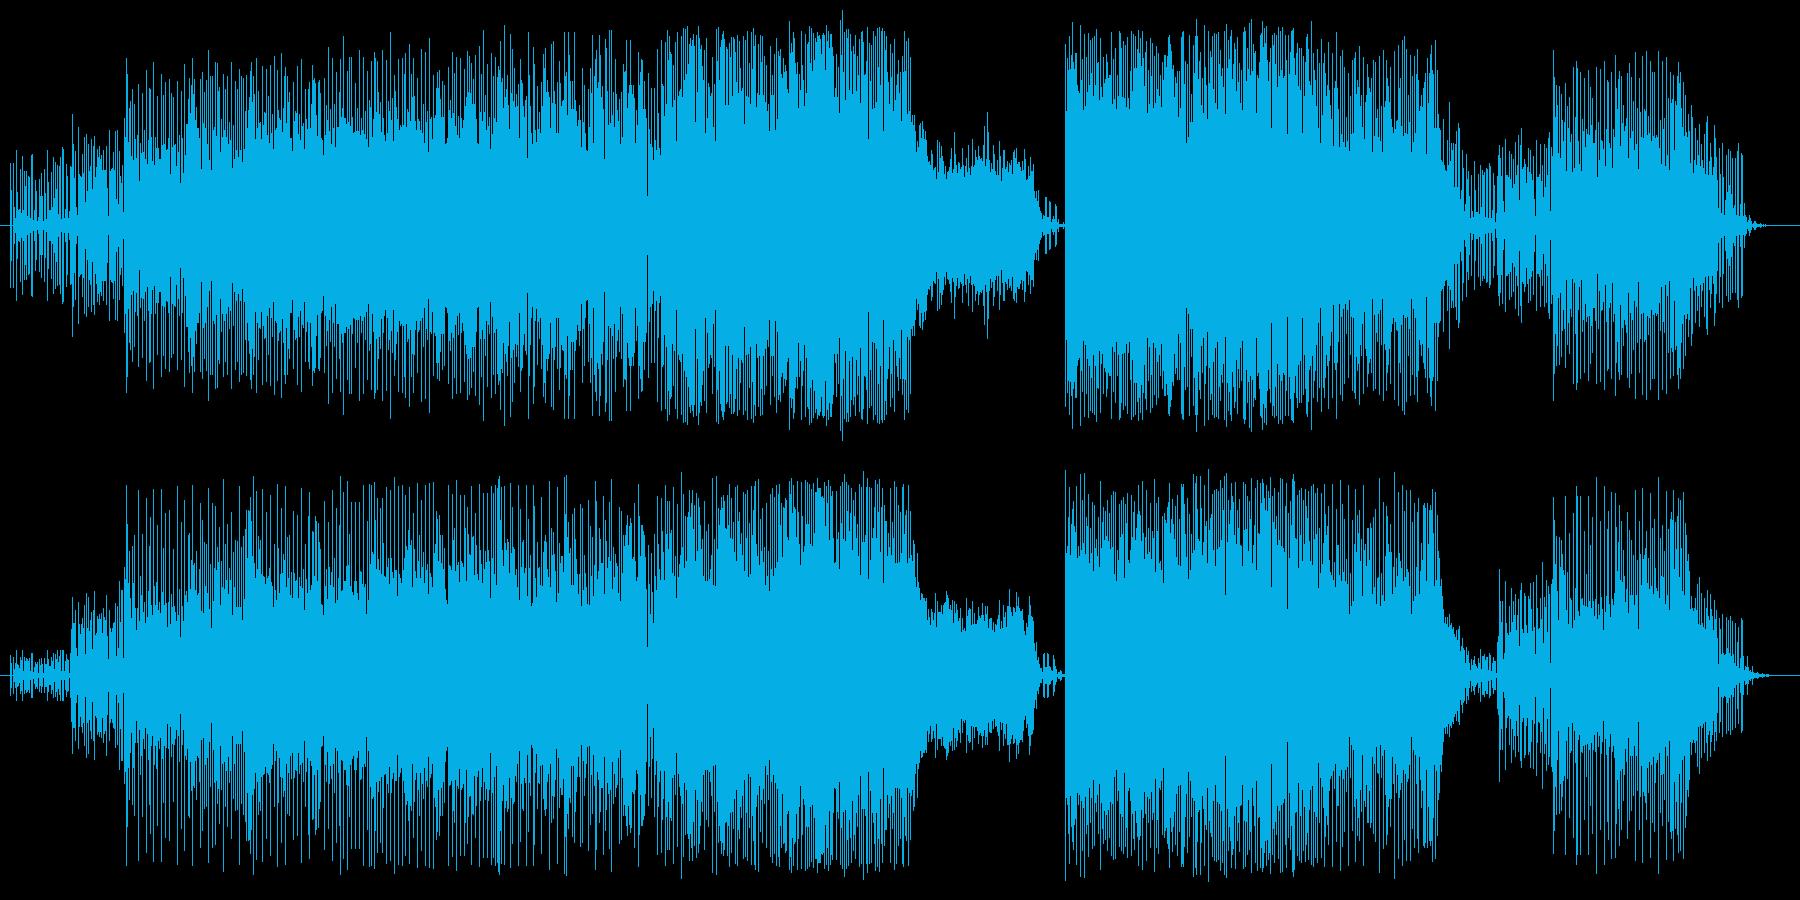 電脳空間の疾走・交錯する情報を表現の再生済みの波形